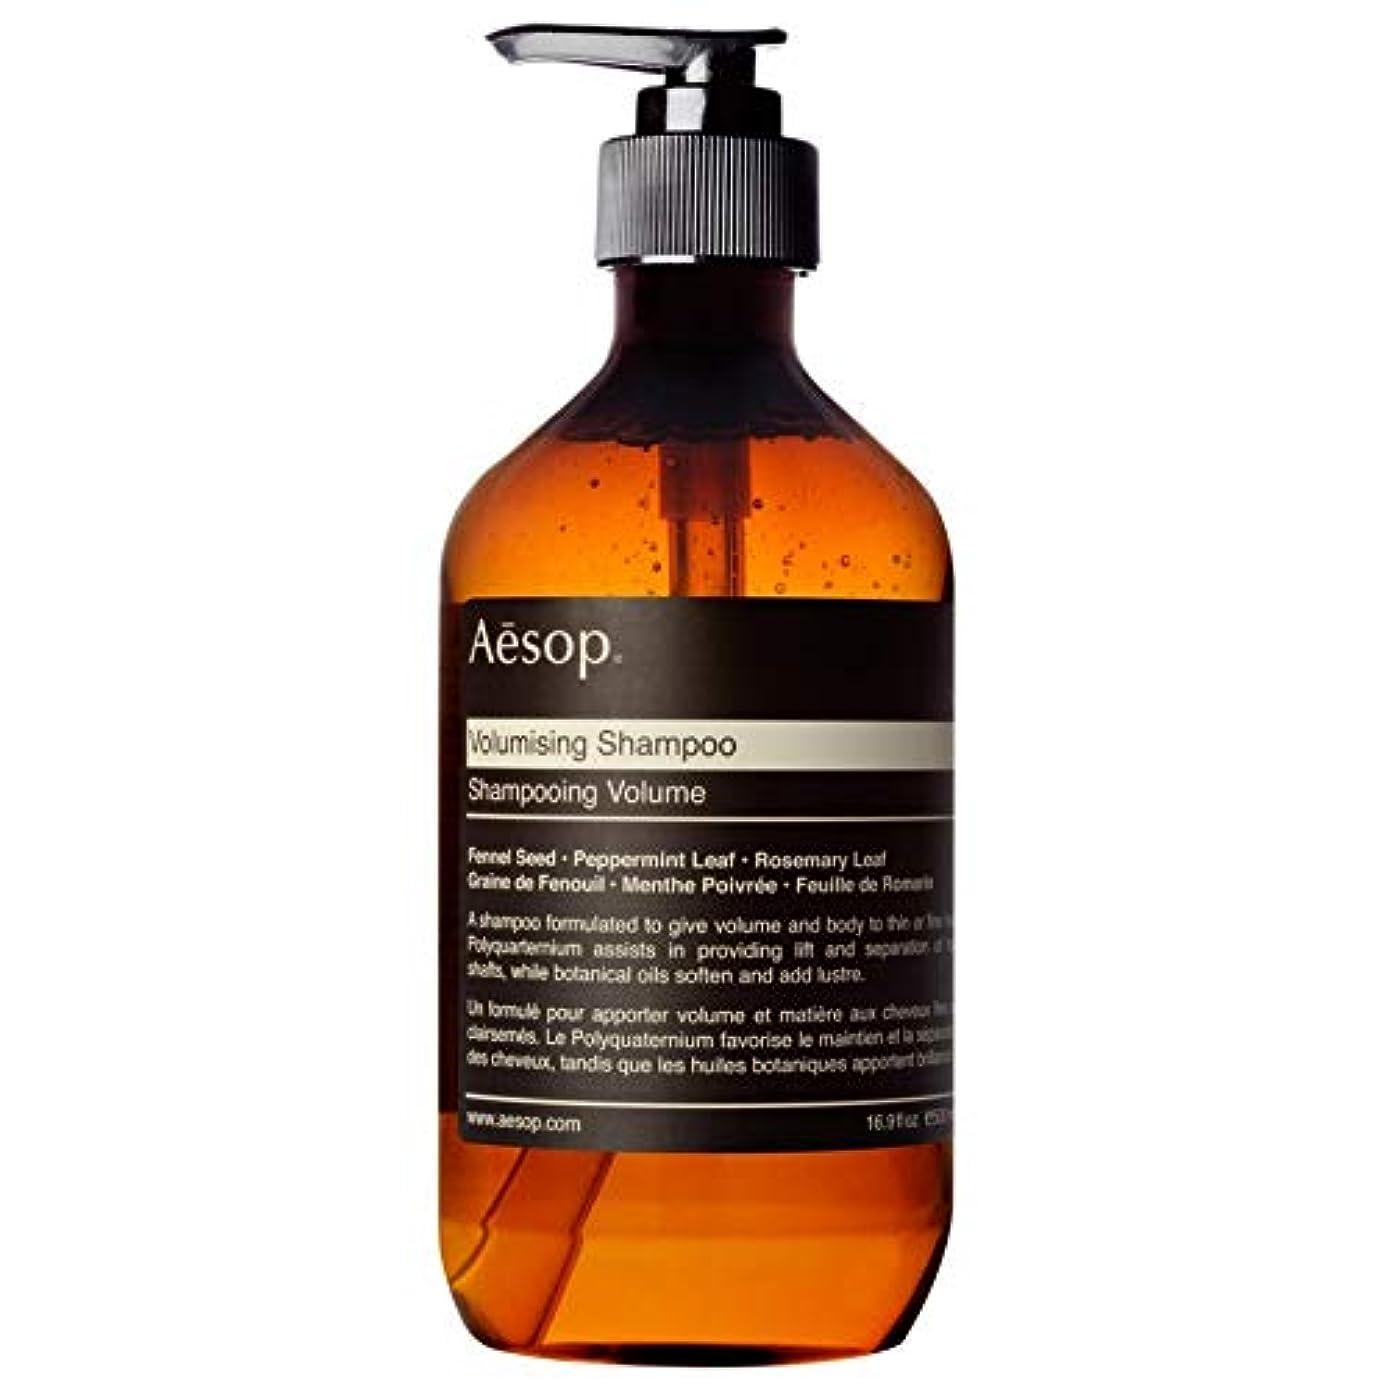 義務平行昆虫[Aesop ] イソップVolumisingシャンプー500ミリリットル - Aesop Volumising Shampoo 500ml [並行輸入品]